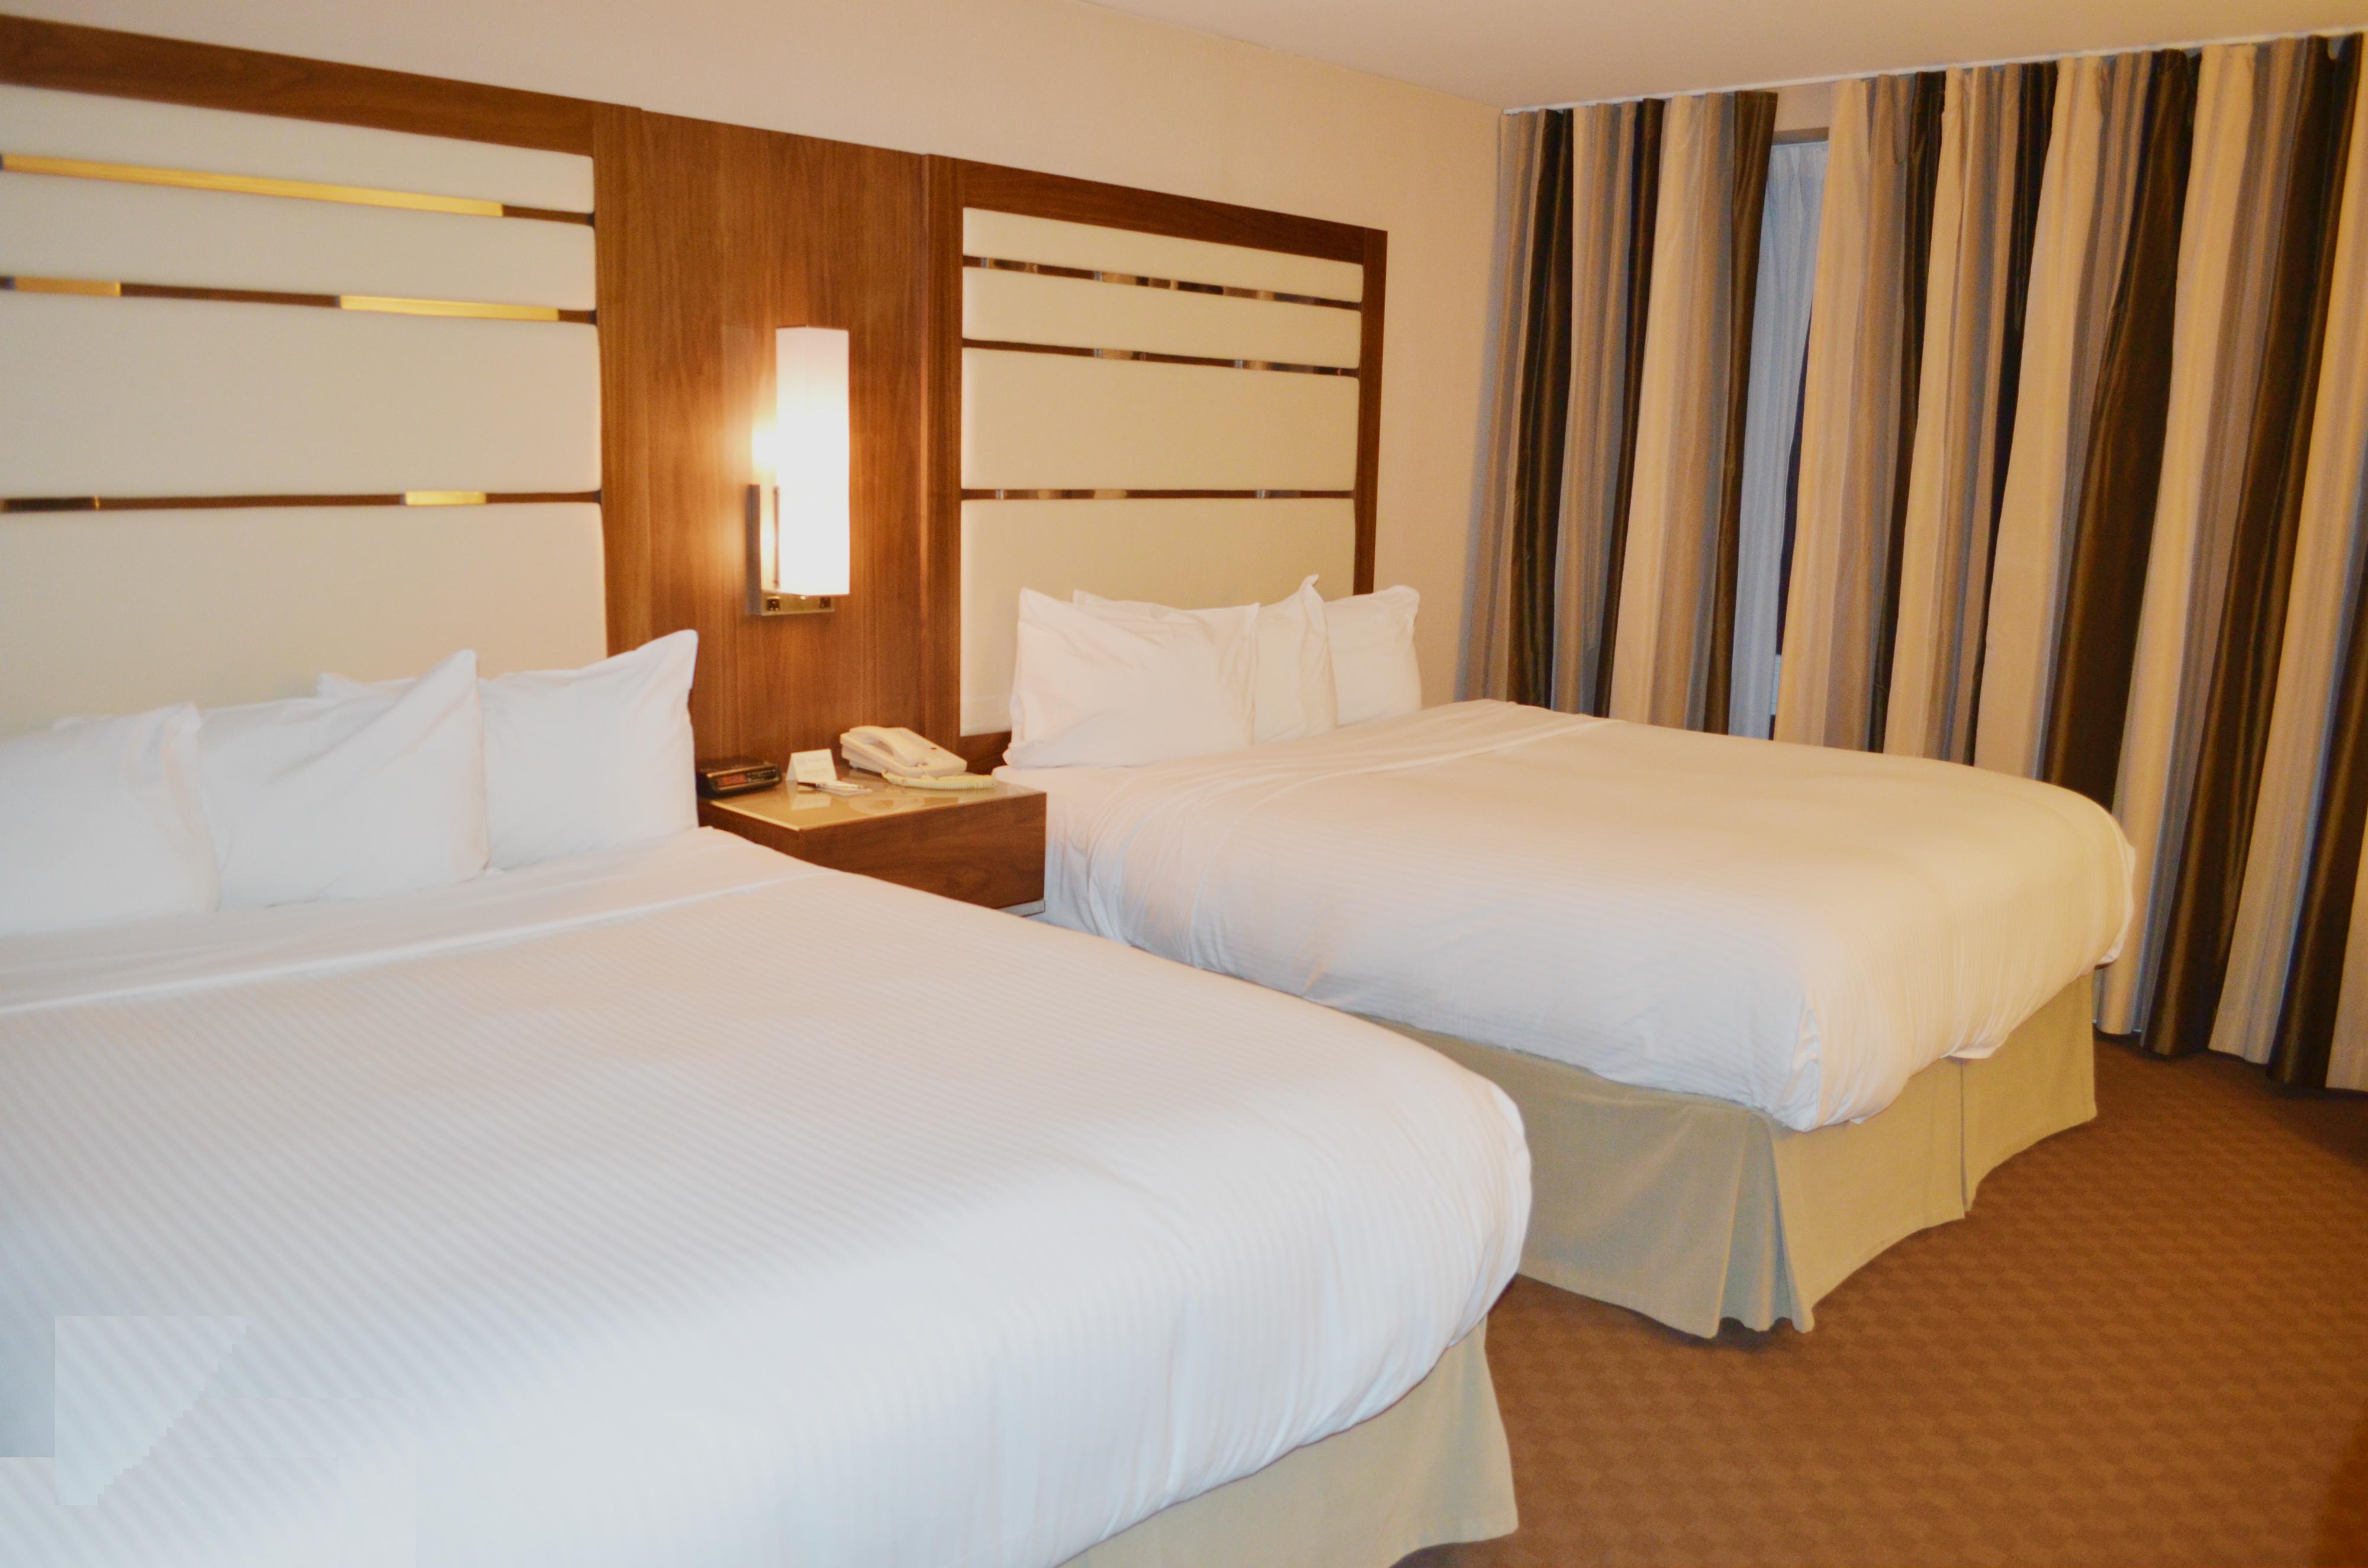 montréal-hotel le cantlie suites | hotel sidekick llc